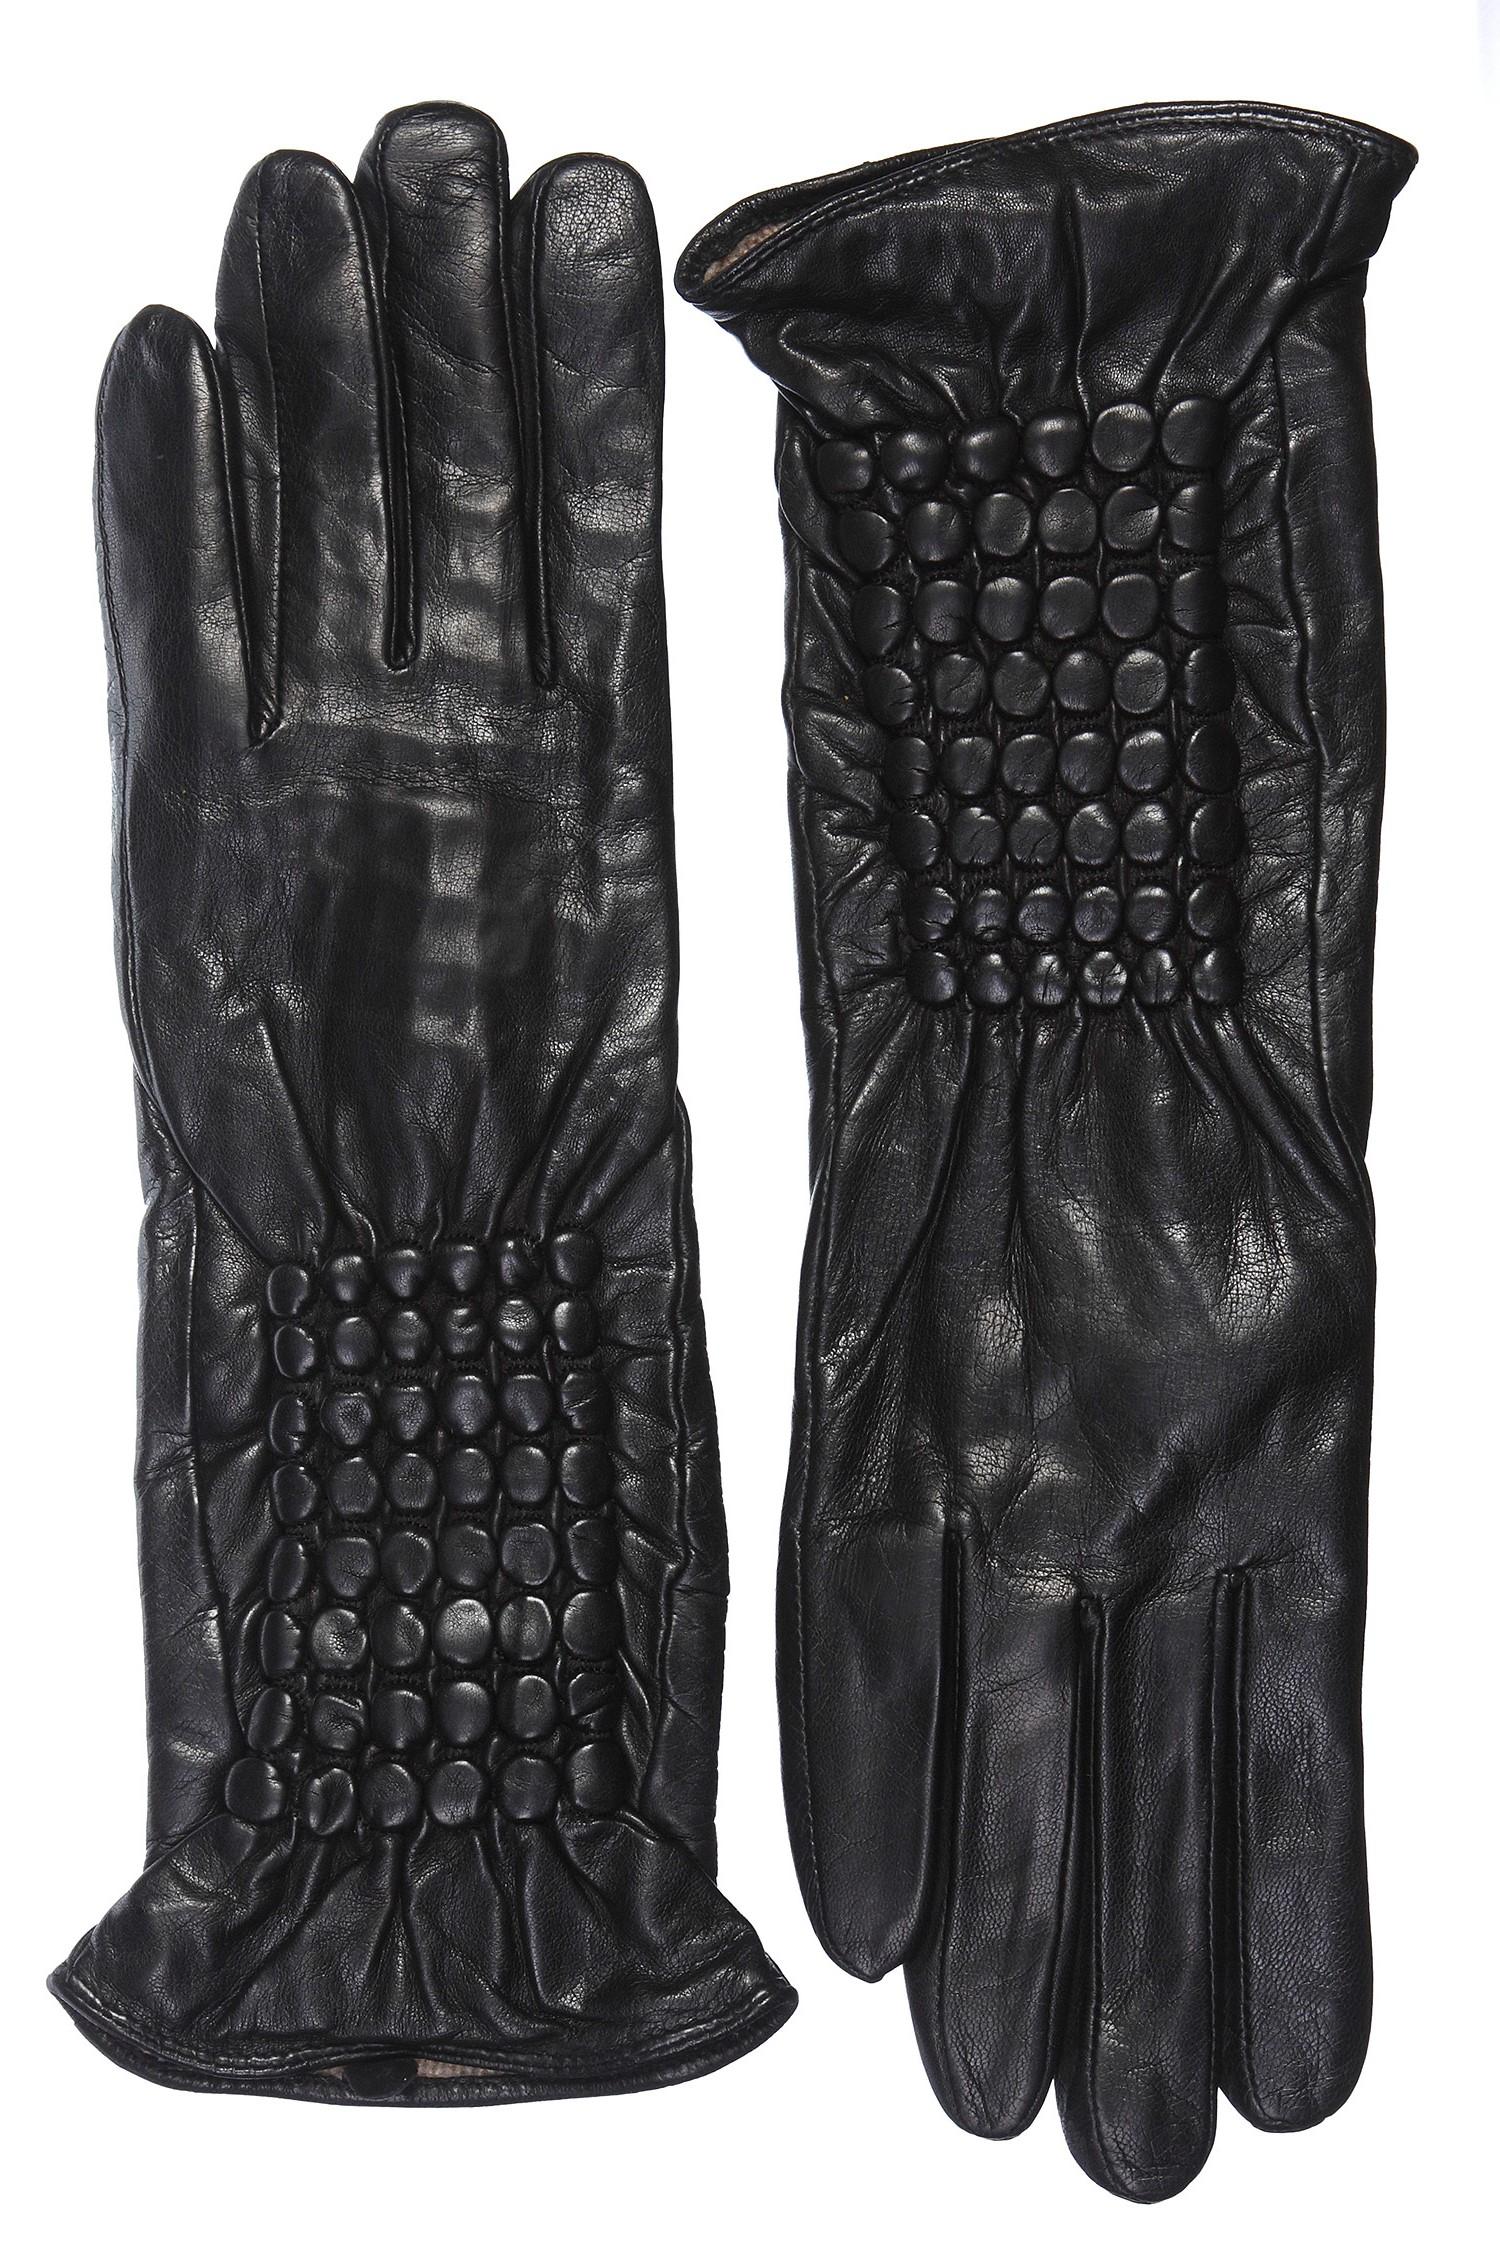 Перчатки женские из натуральной кожи<br><br>Материал: Кожа овчина<br>Цвет: черный<br>Пол: Женский<br>Размер RU: 6.5